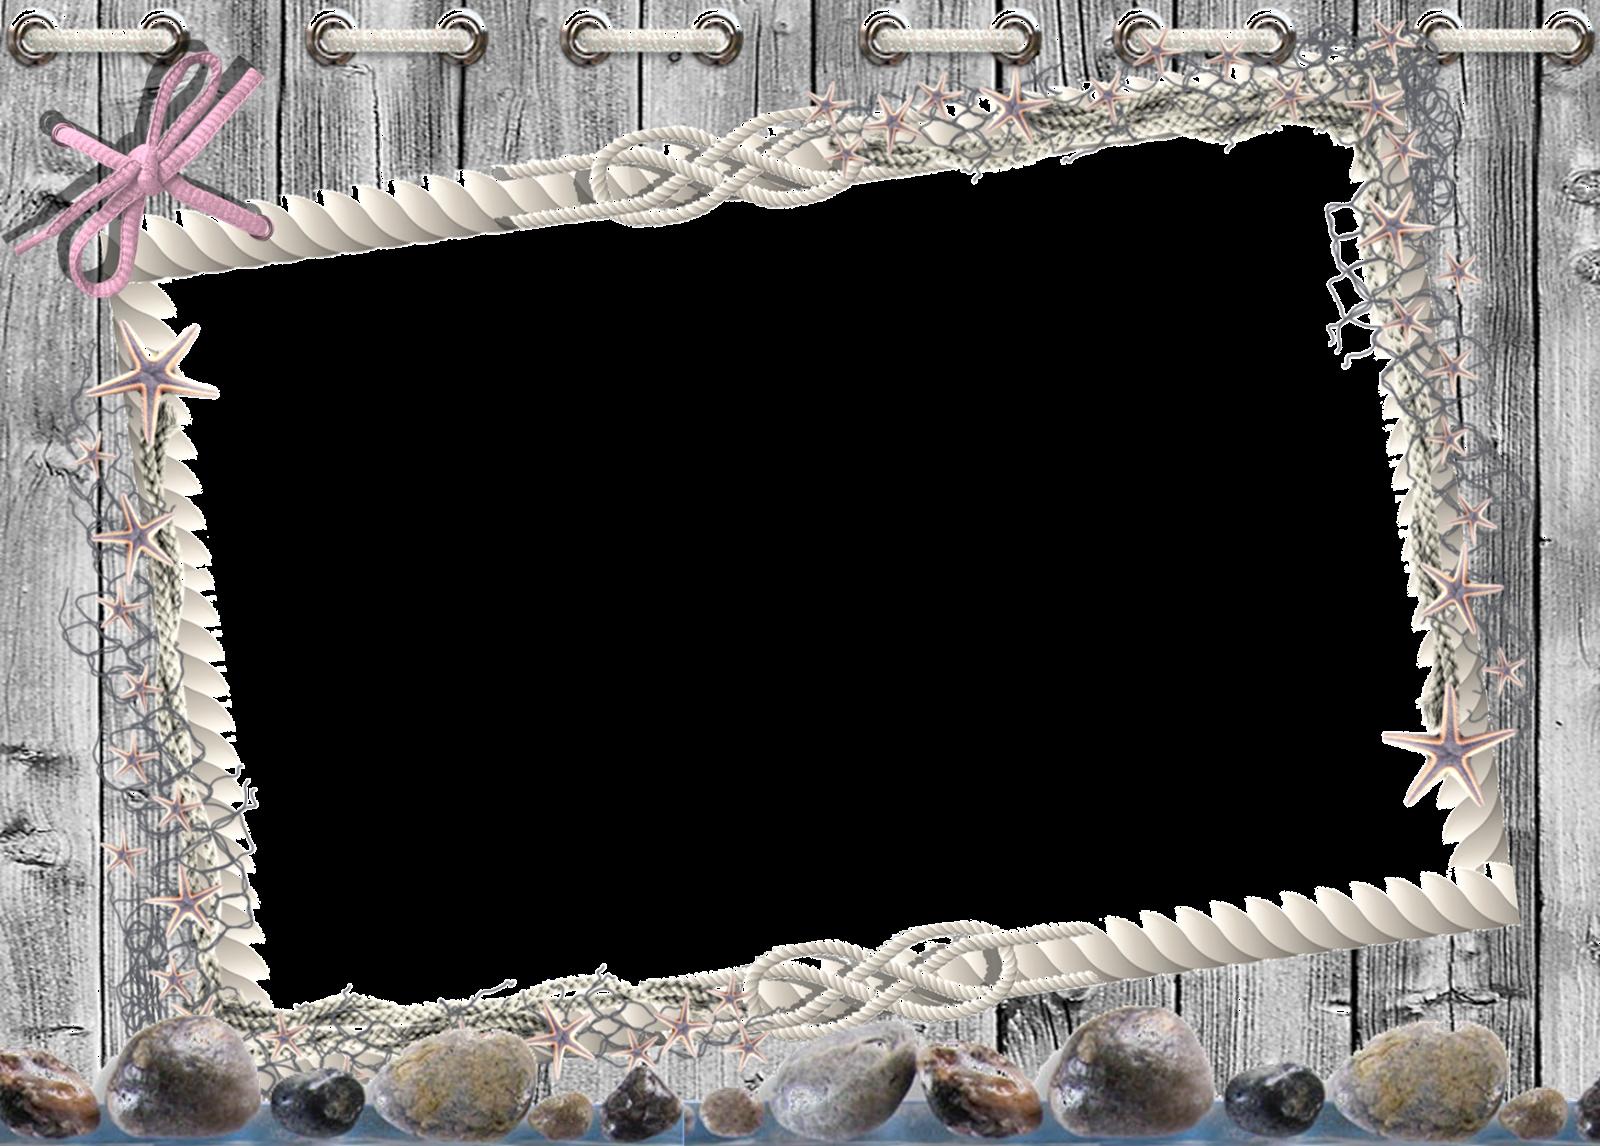 les mains dans la t te cadres png pour photos cadres png pinterest la tete cadres et les. Black Bedroom Furniture Sets. Home Design Ideas